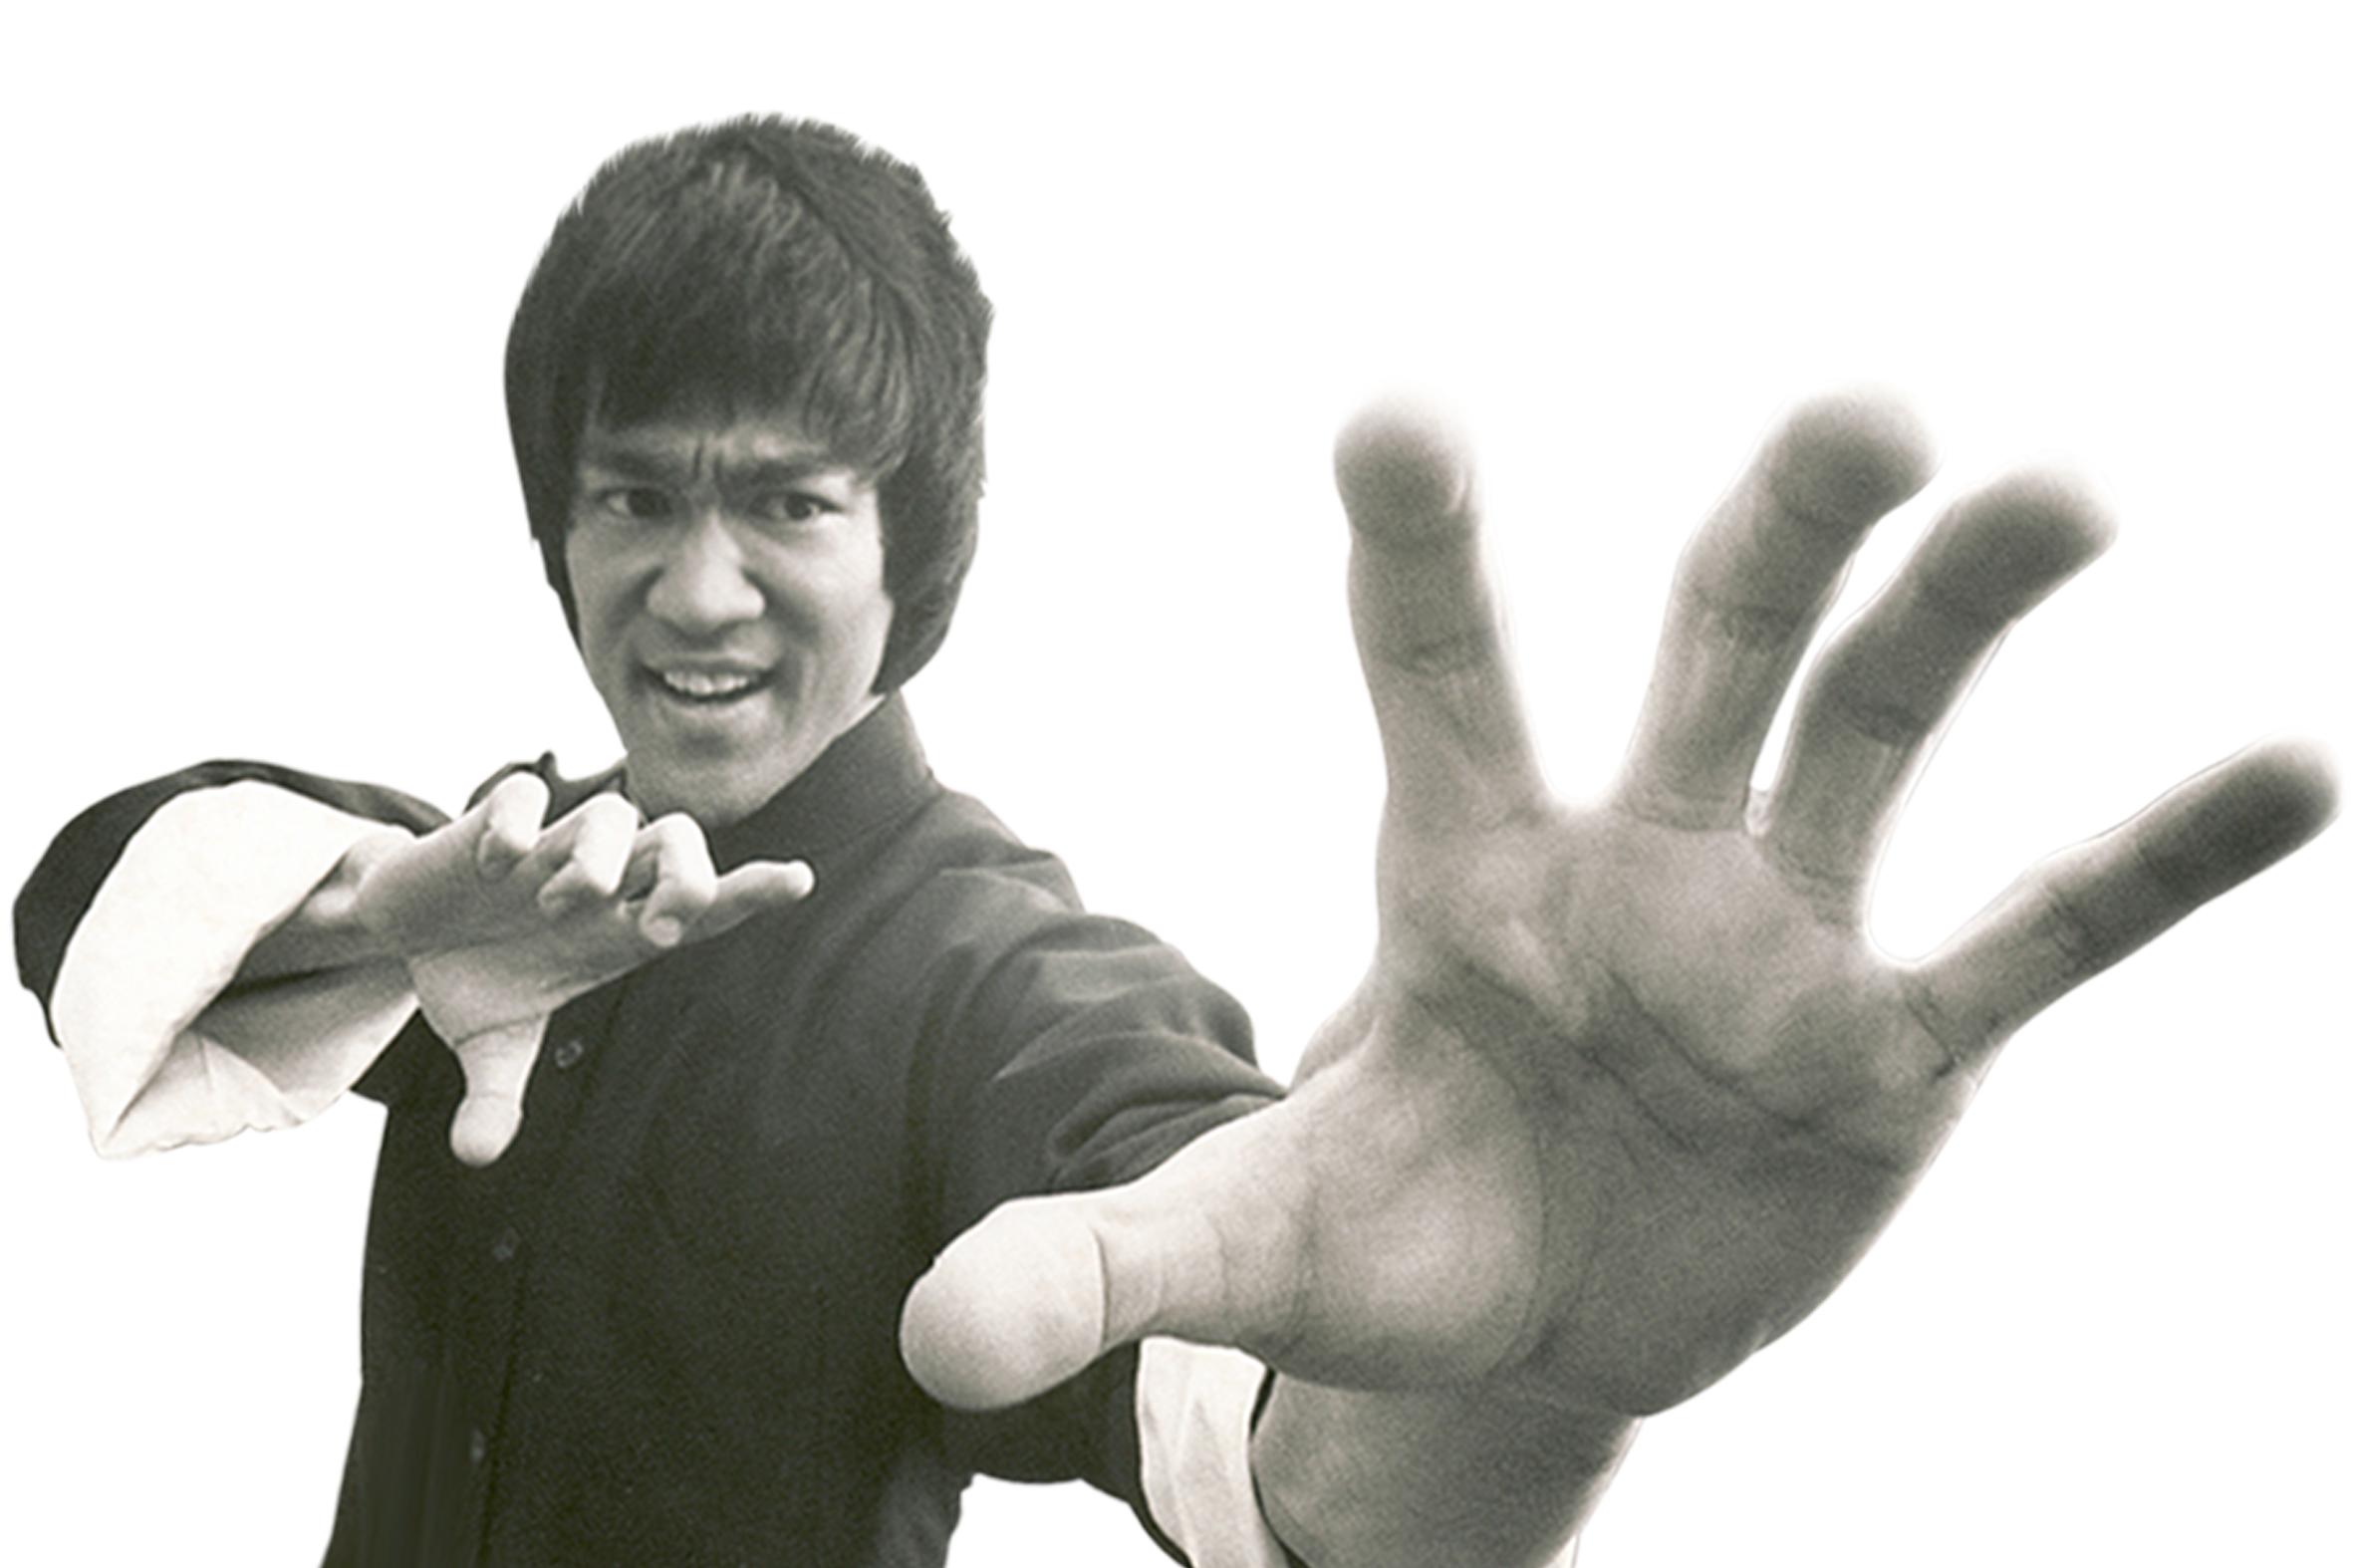 Wojownik kung fu, geek komputerowy, albo matematyczny geniusz – stereotypy Azjatów, które trudno zmienić